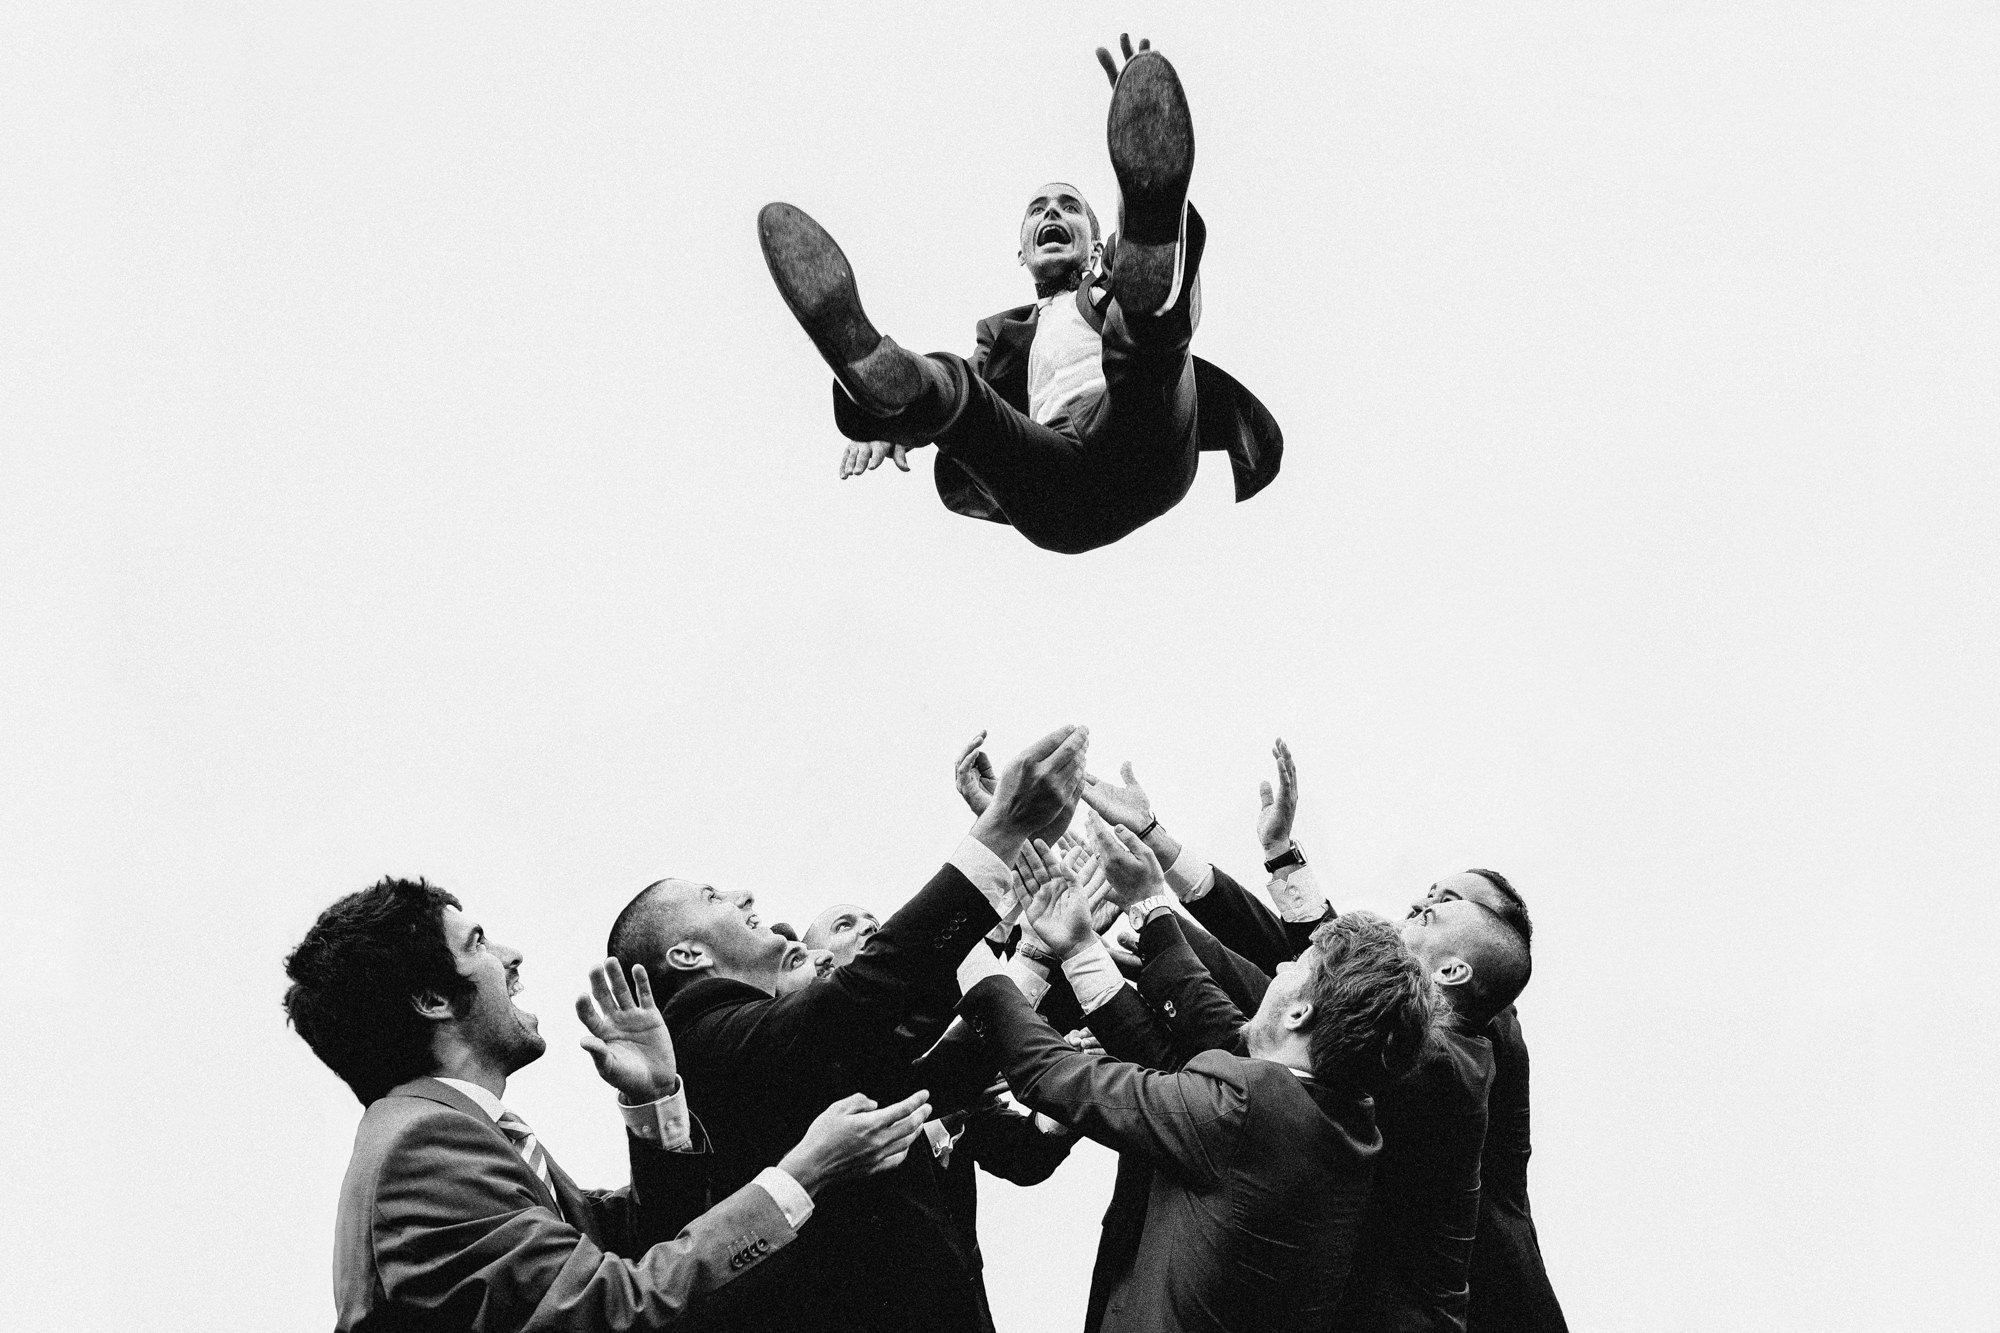 Groom tossed way in the air by groomsmen